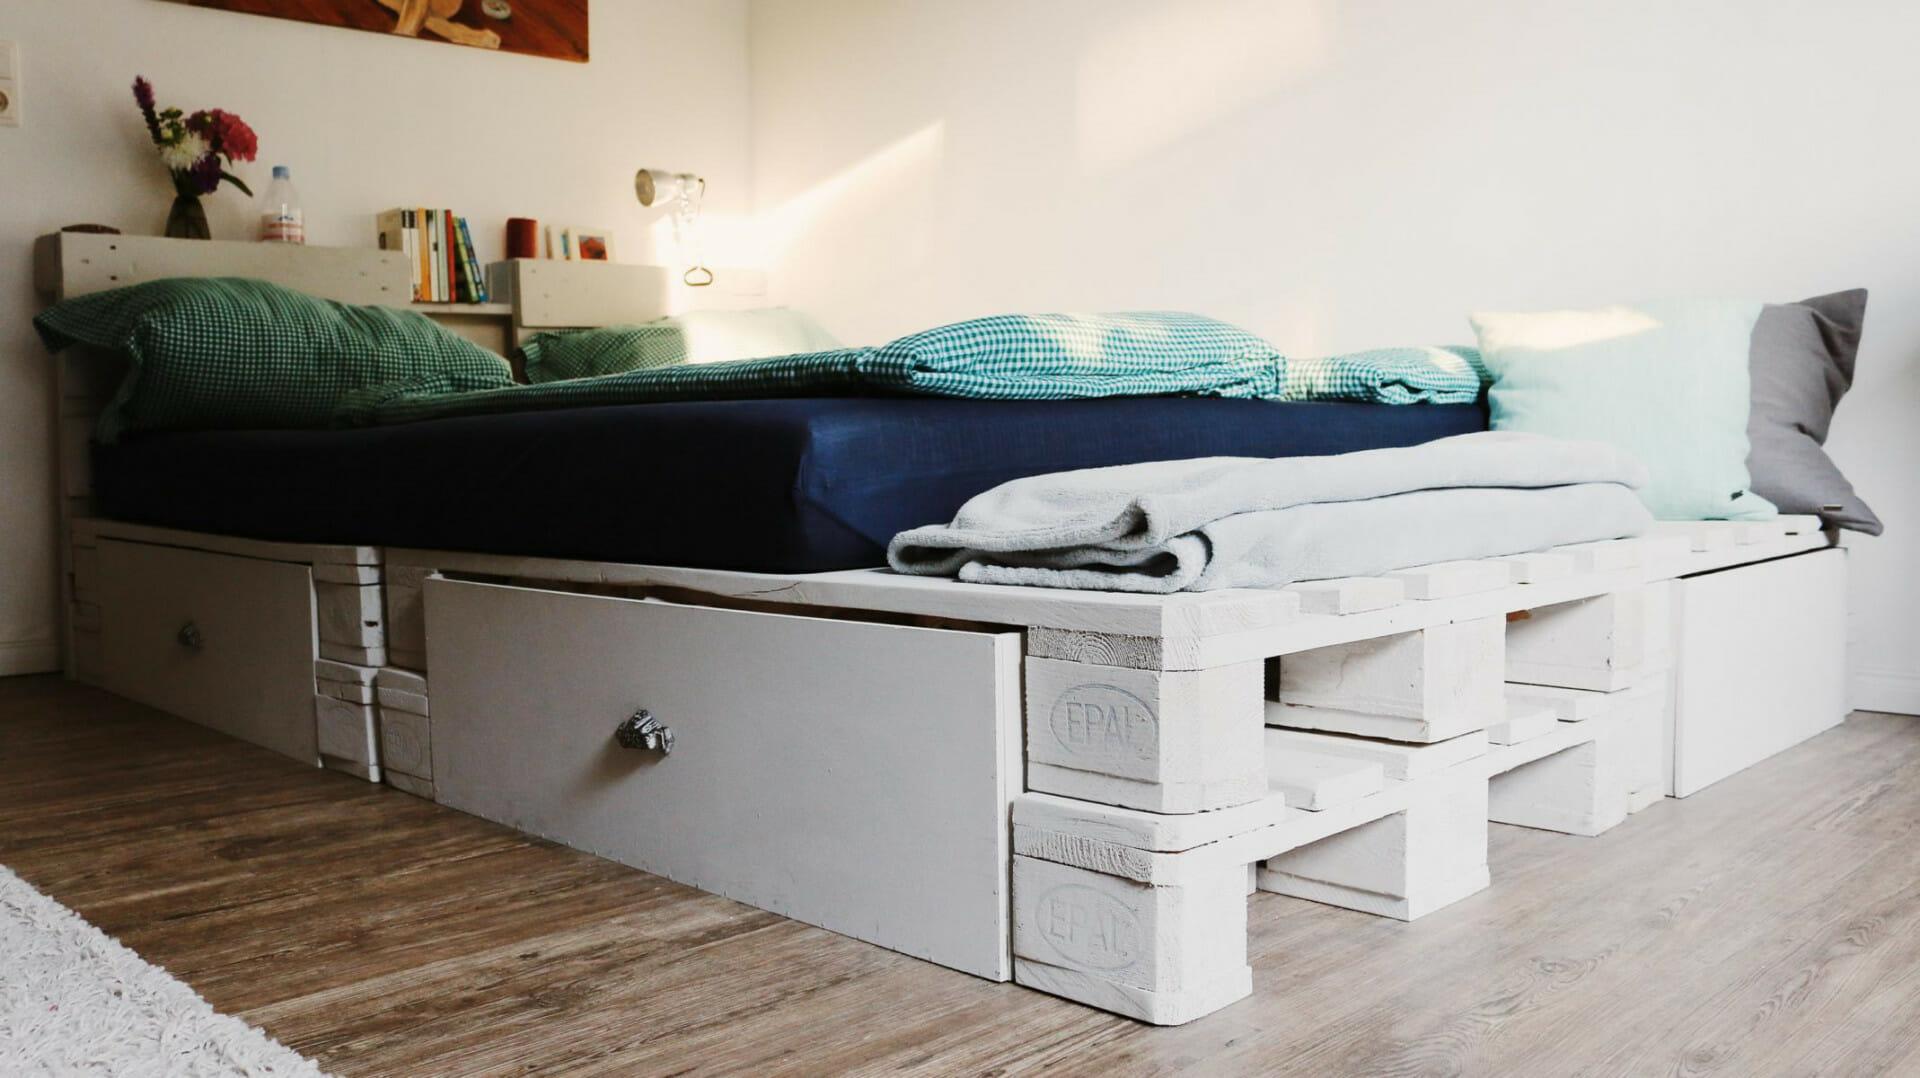 Full Size of Paletten Bett 140x200 Palettenbett Selber Bauen Kaufen Europaletten Betten 120x200 Stauraum überlänge 200x180 Mit Bettkasten Meise Holz Japanisches Bett Paletten Bett 140x200